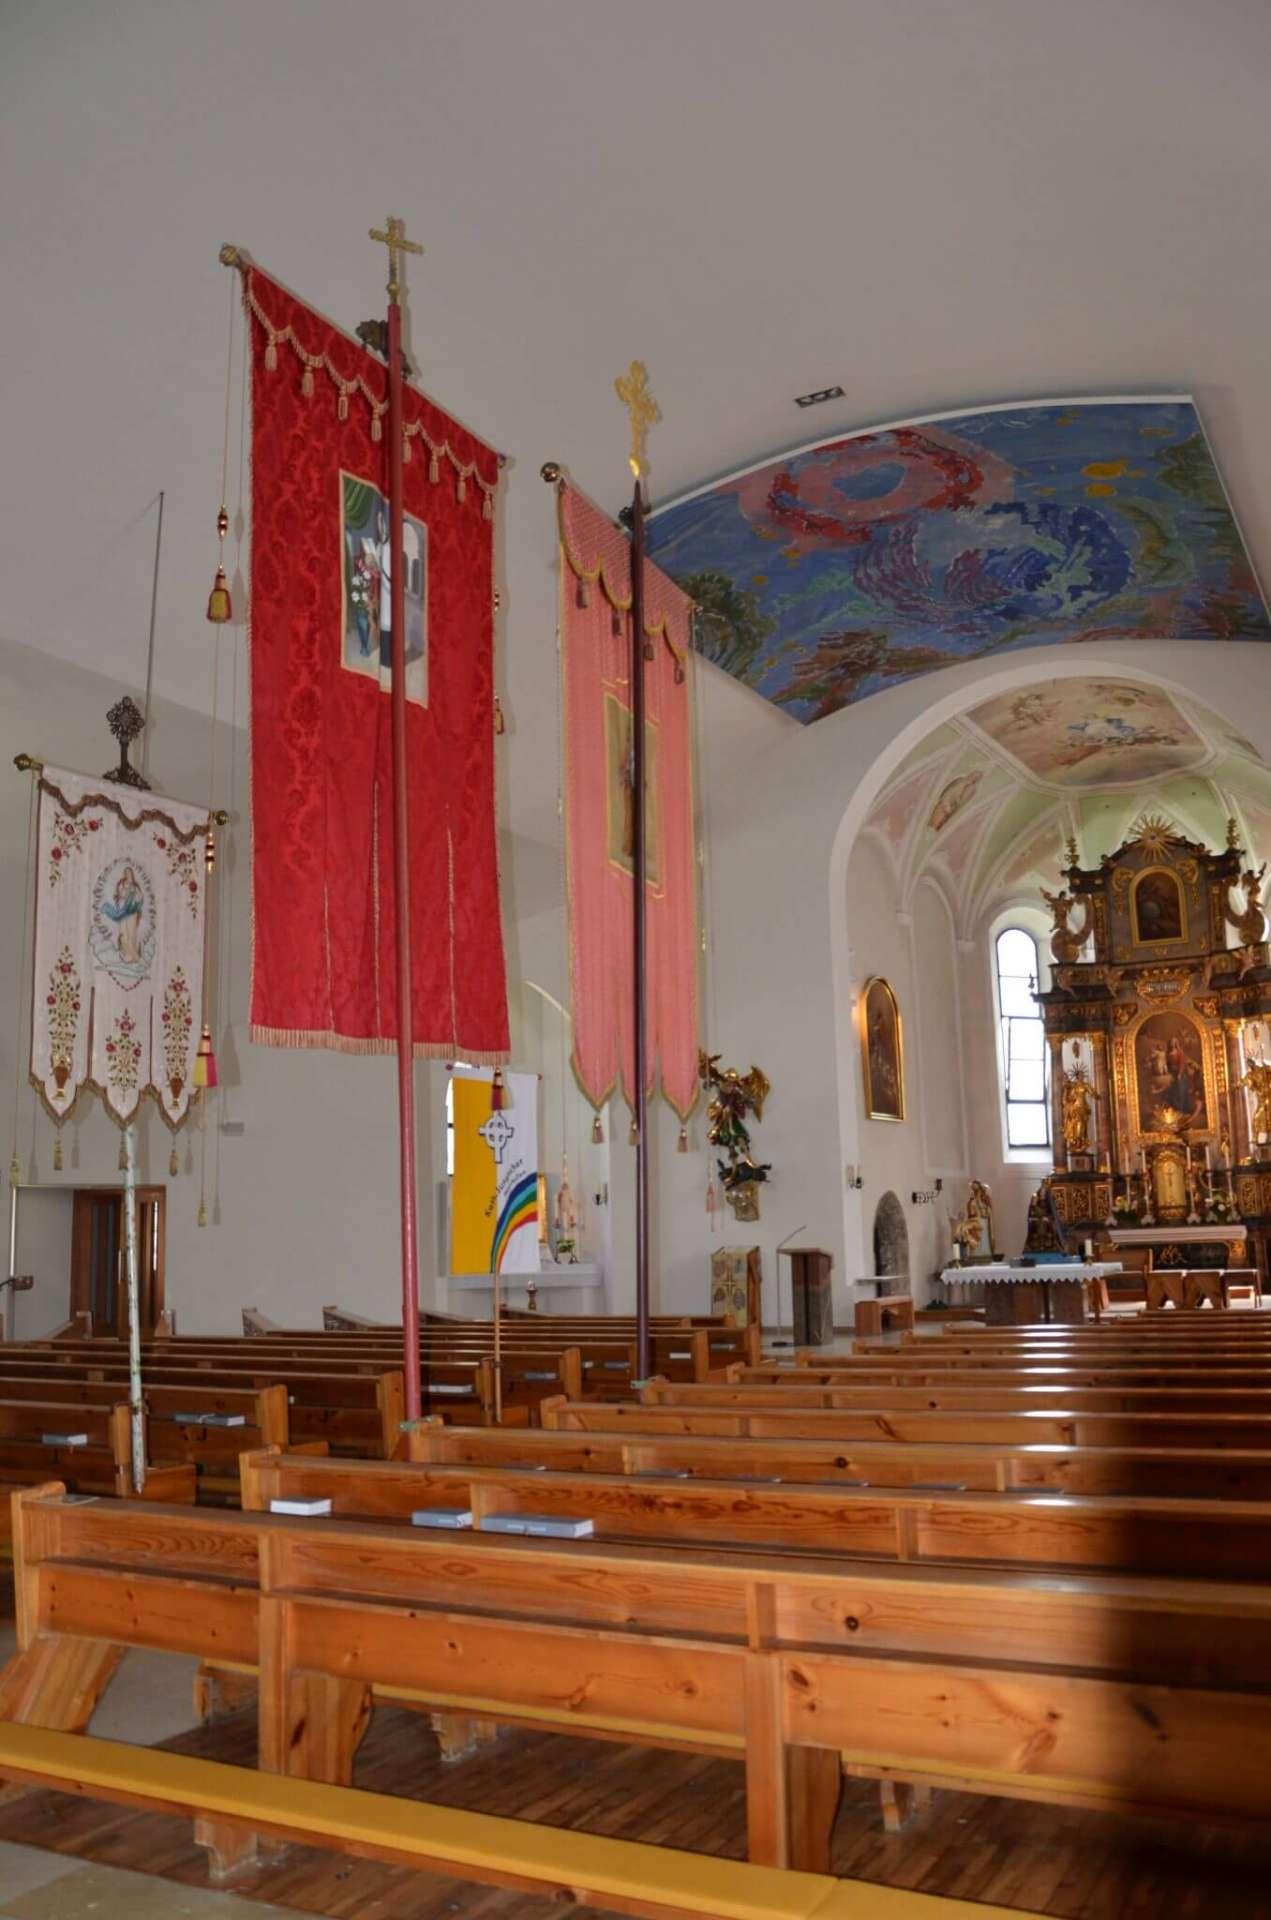 Kirche in Mayrhofen mit der Rose von Jericho (Max Weiler)